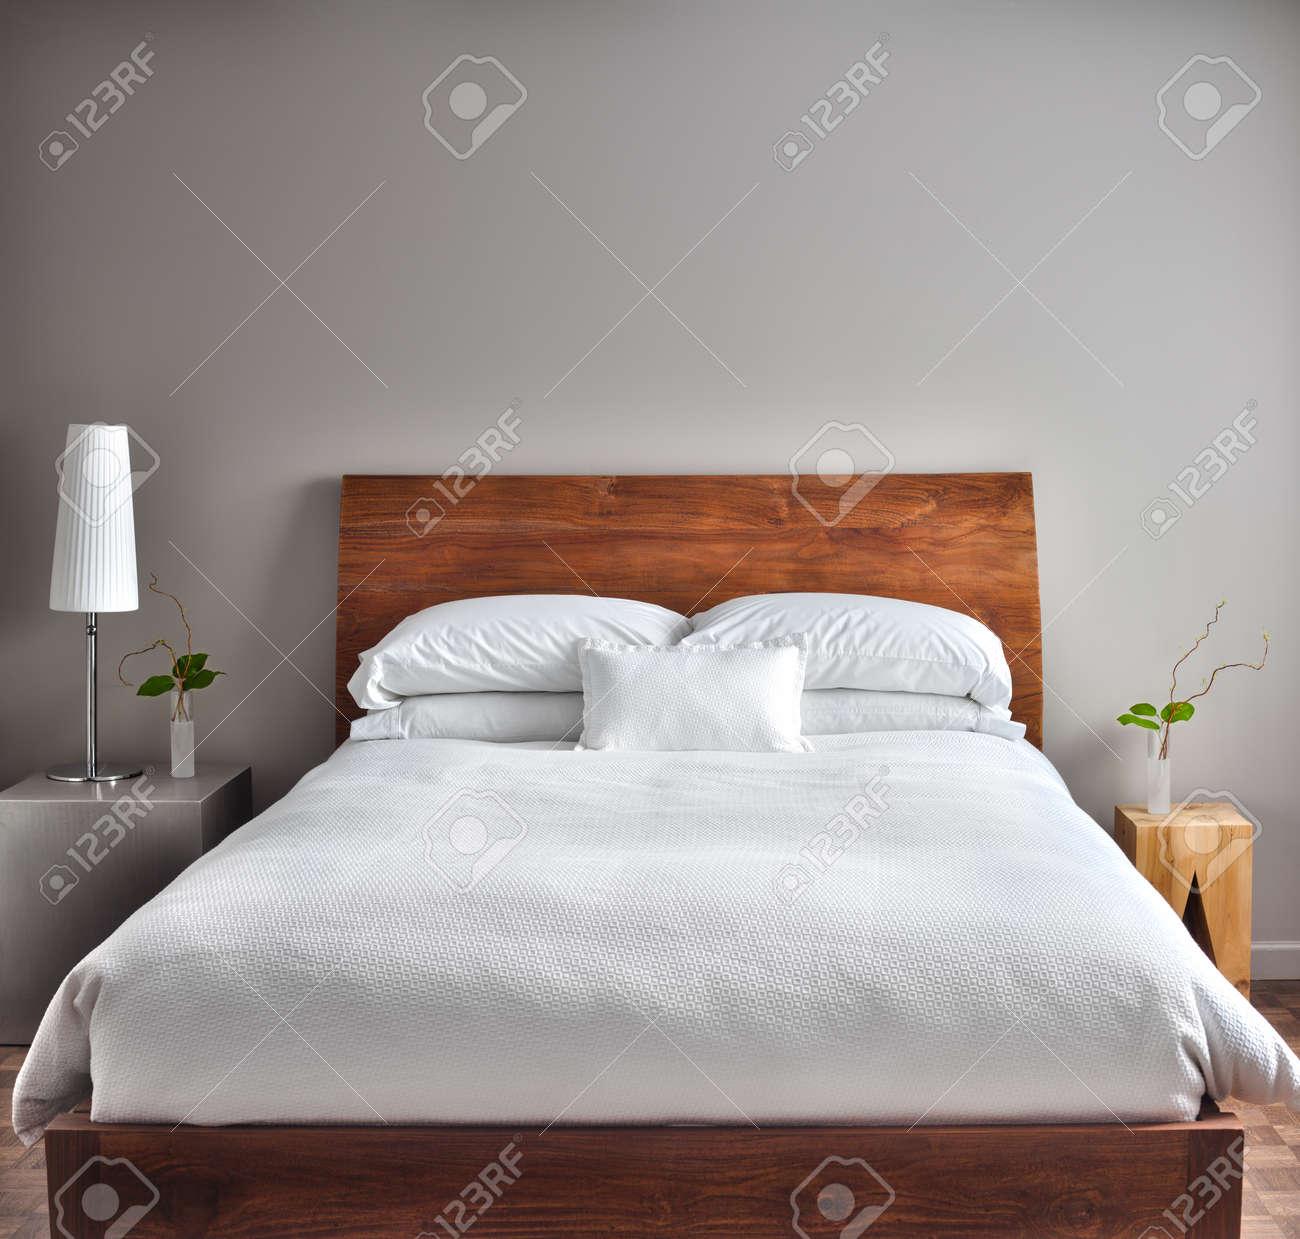 Schöne Saubere Und Moderne Zimmer Mit Leeren Wand, Um Einen Text ...